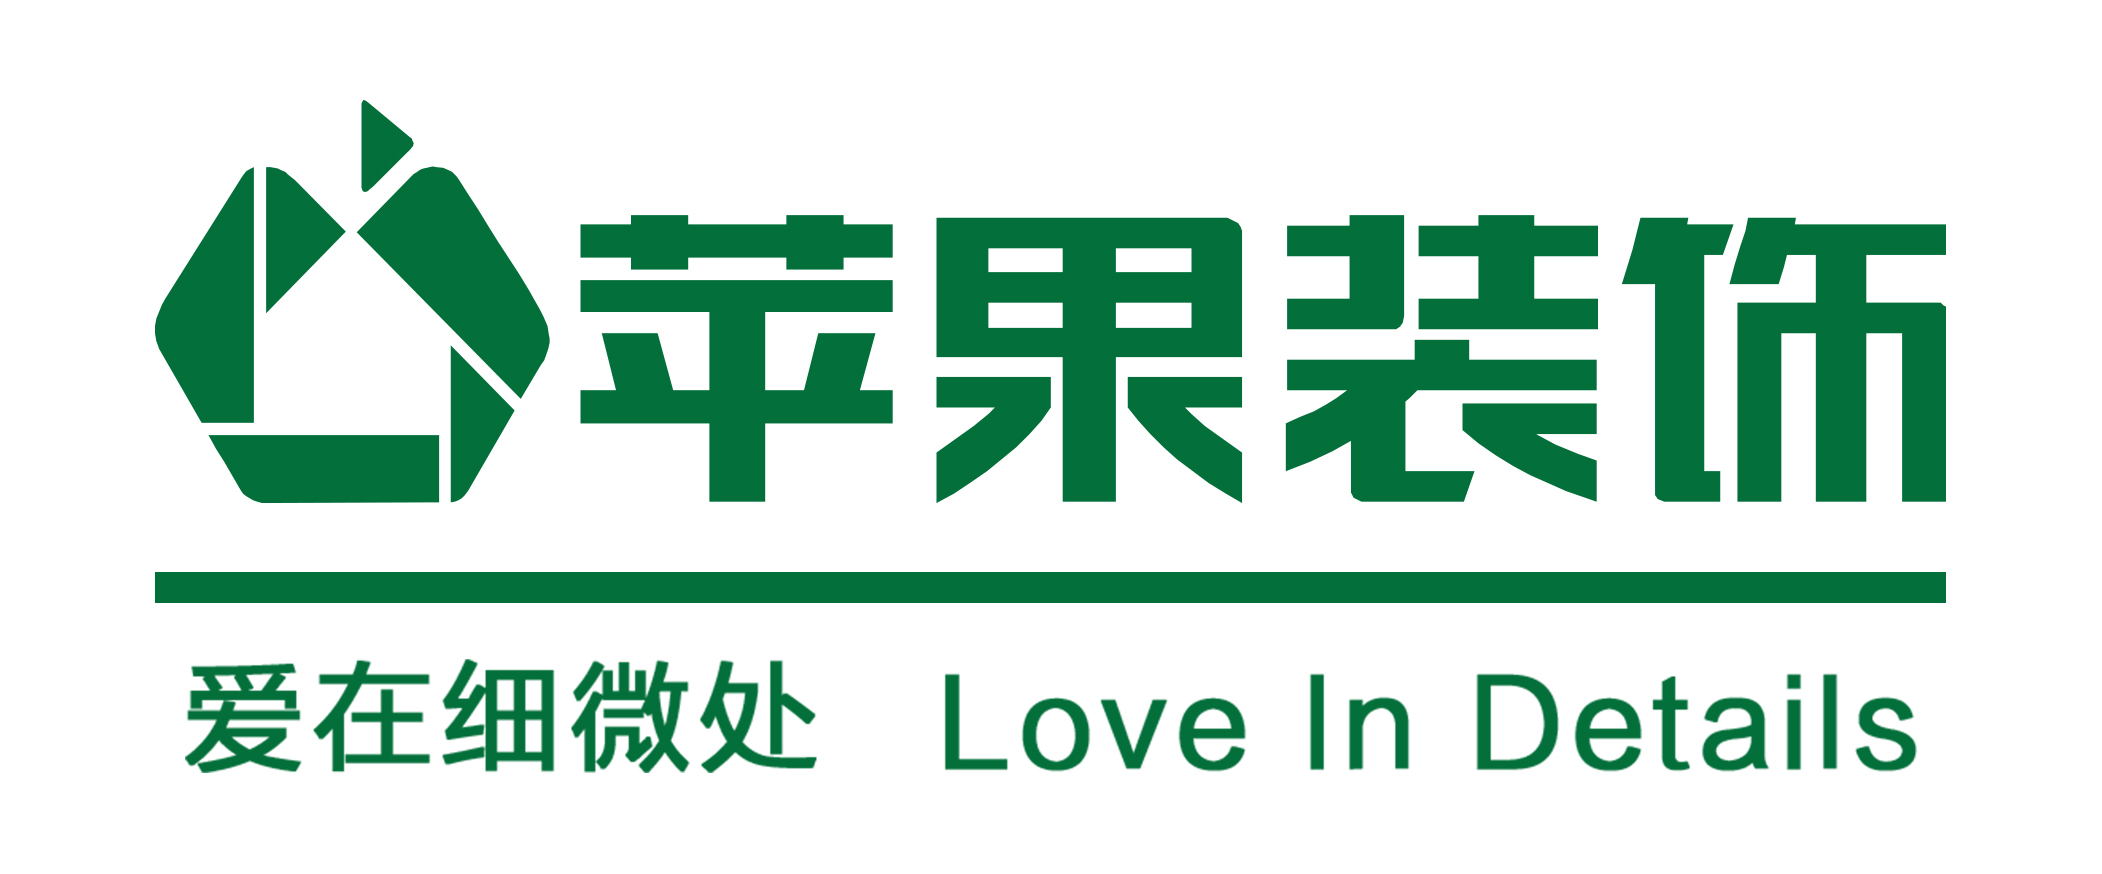 北京苹果装饰设计工程有限公司